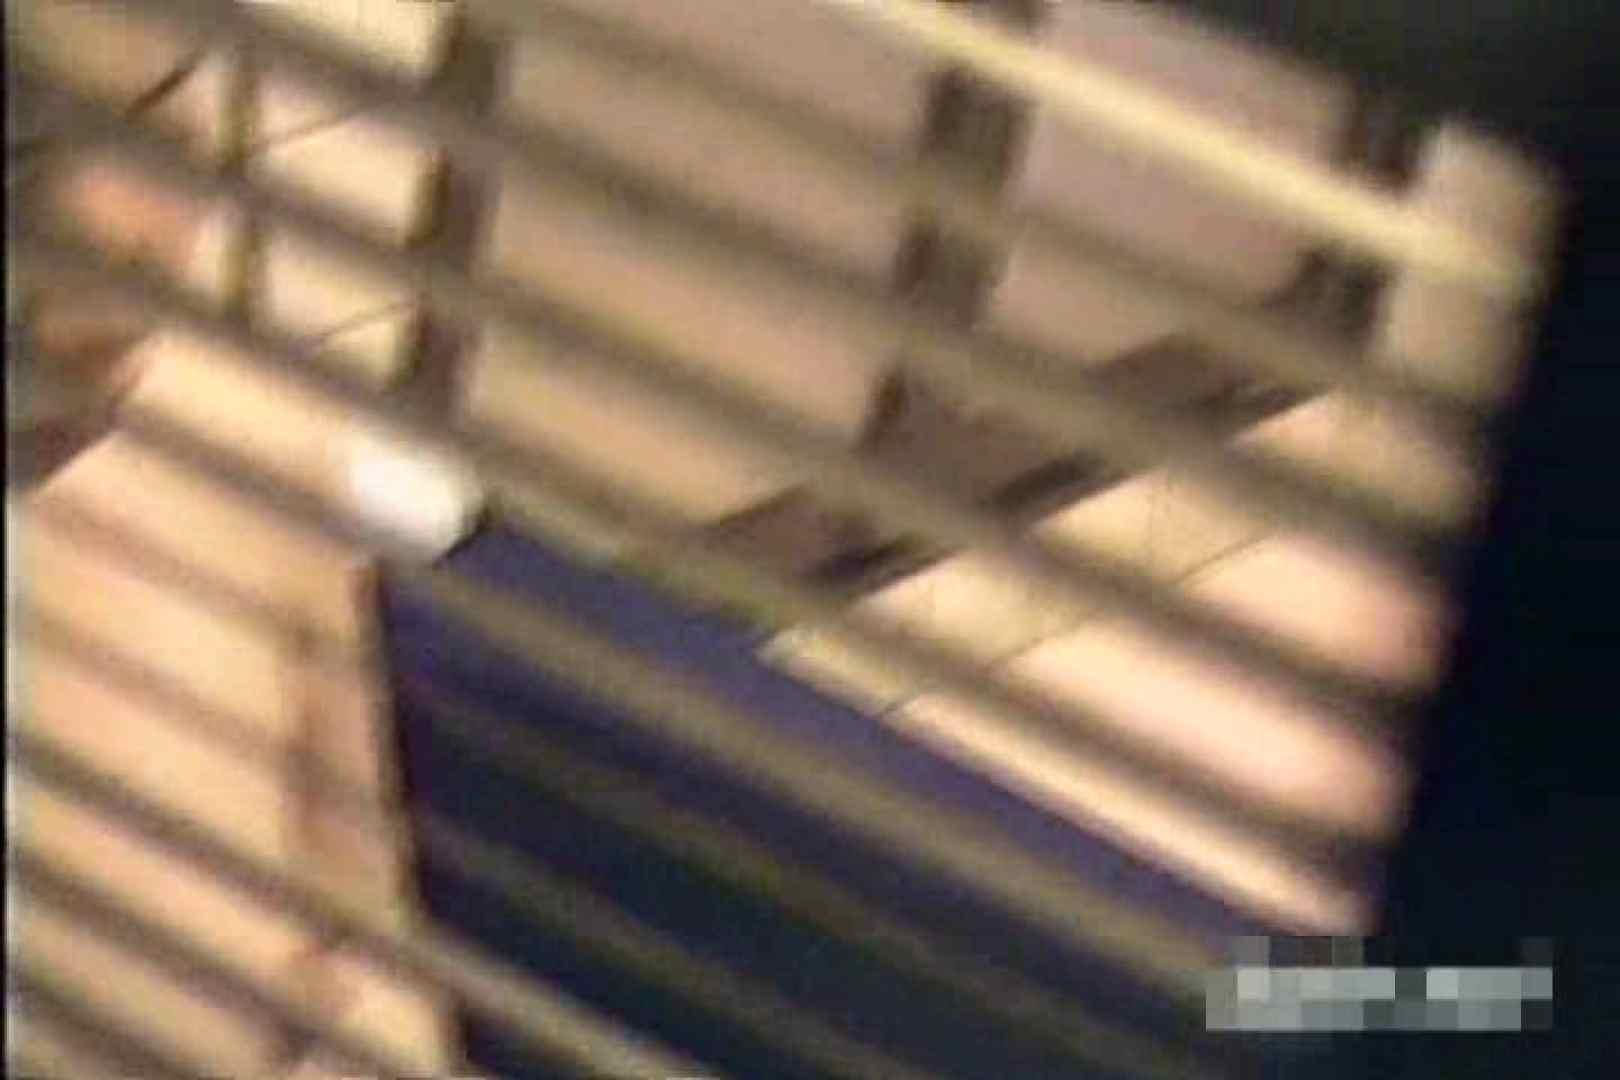 激撮ストーカー記録あなたのお宅拝見しますVol.3 民家でお風呂 おまんこ動画流出 26連発 11